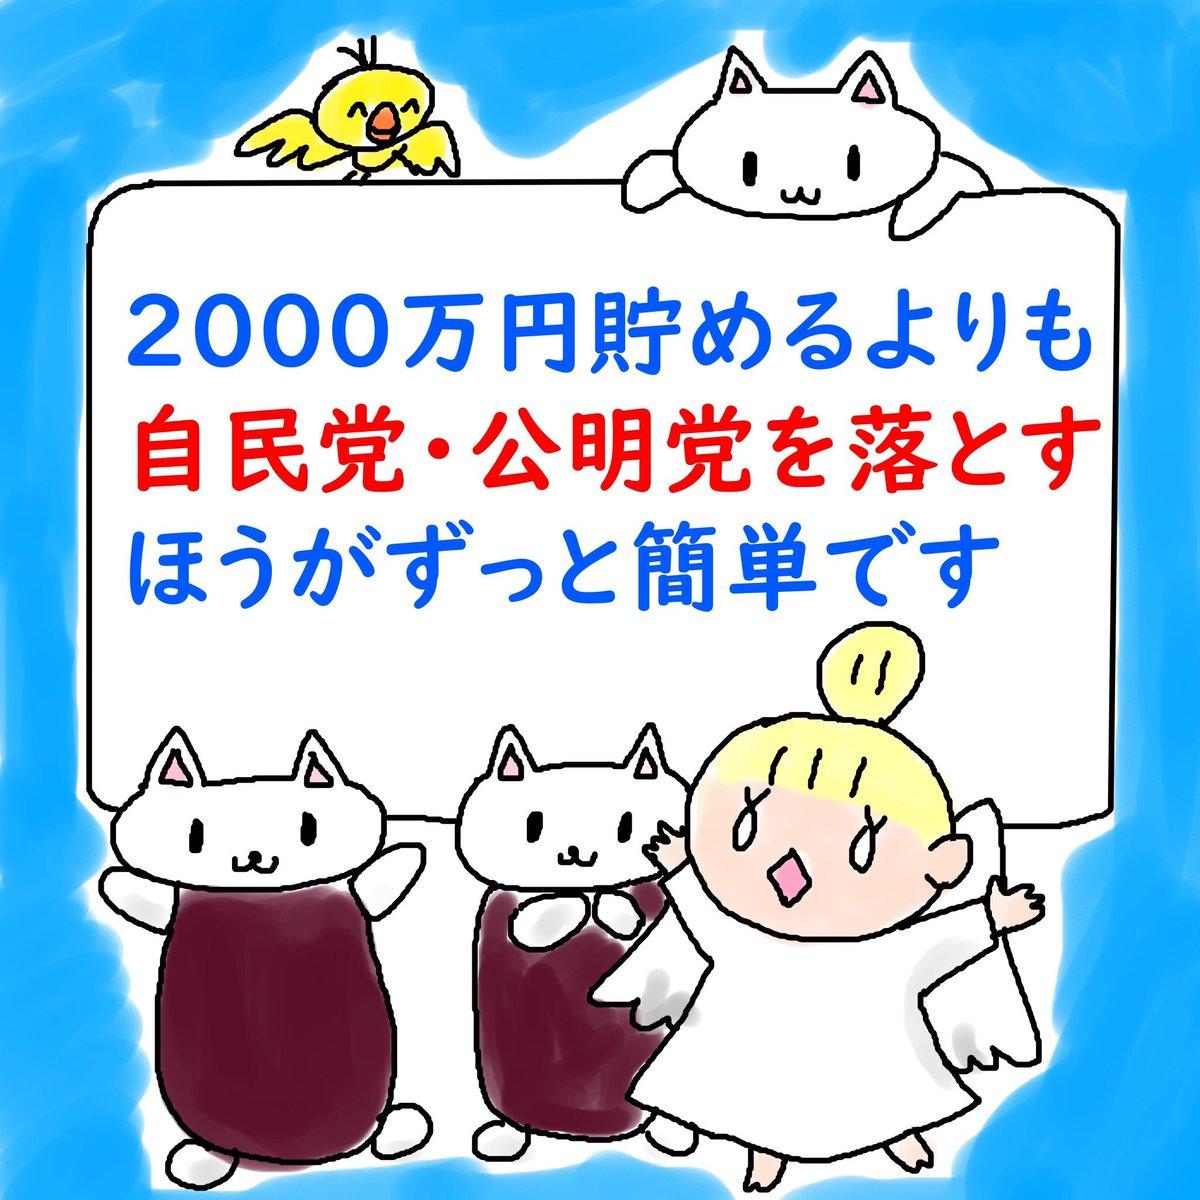 【正論】 twitter「2000万円貯めるよりも自民党・公明党を落とすほうがずっと簡単です」